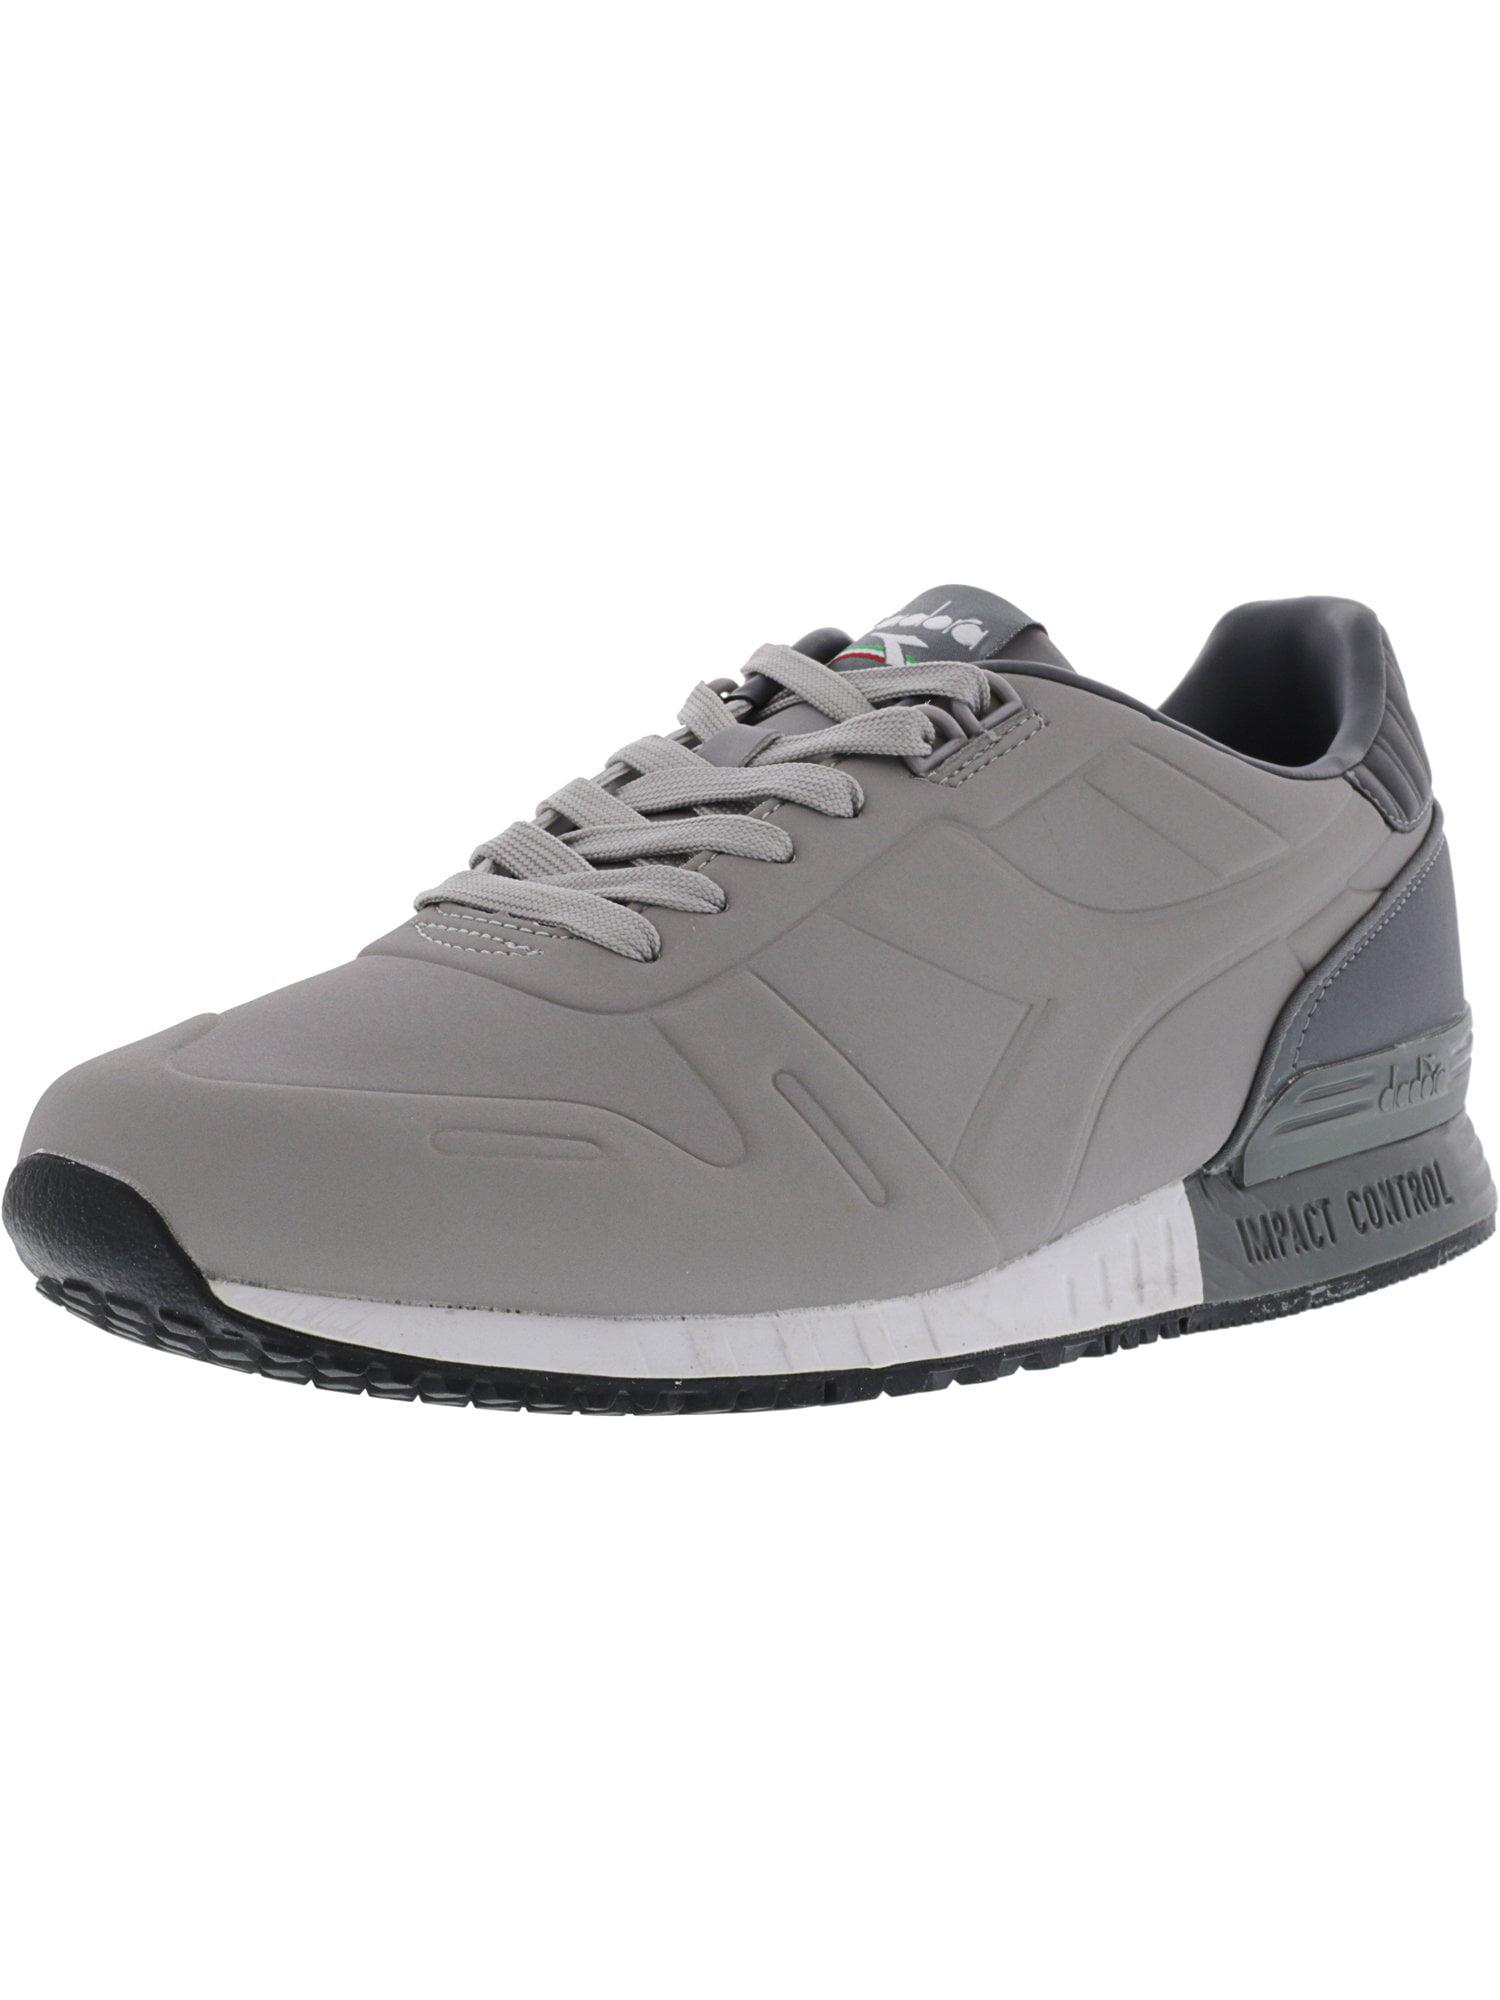 Diadora Men's Titan N Ii Ash / Steel Gray Fashion Sneaker - 10.5M